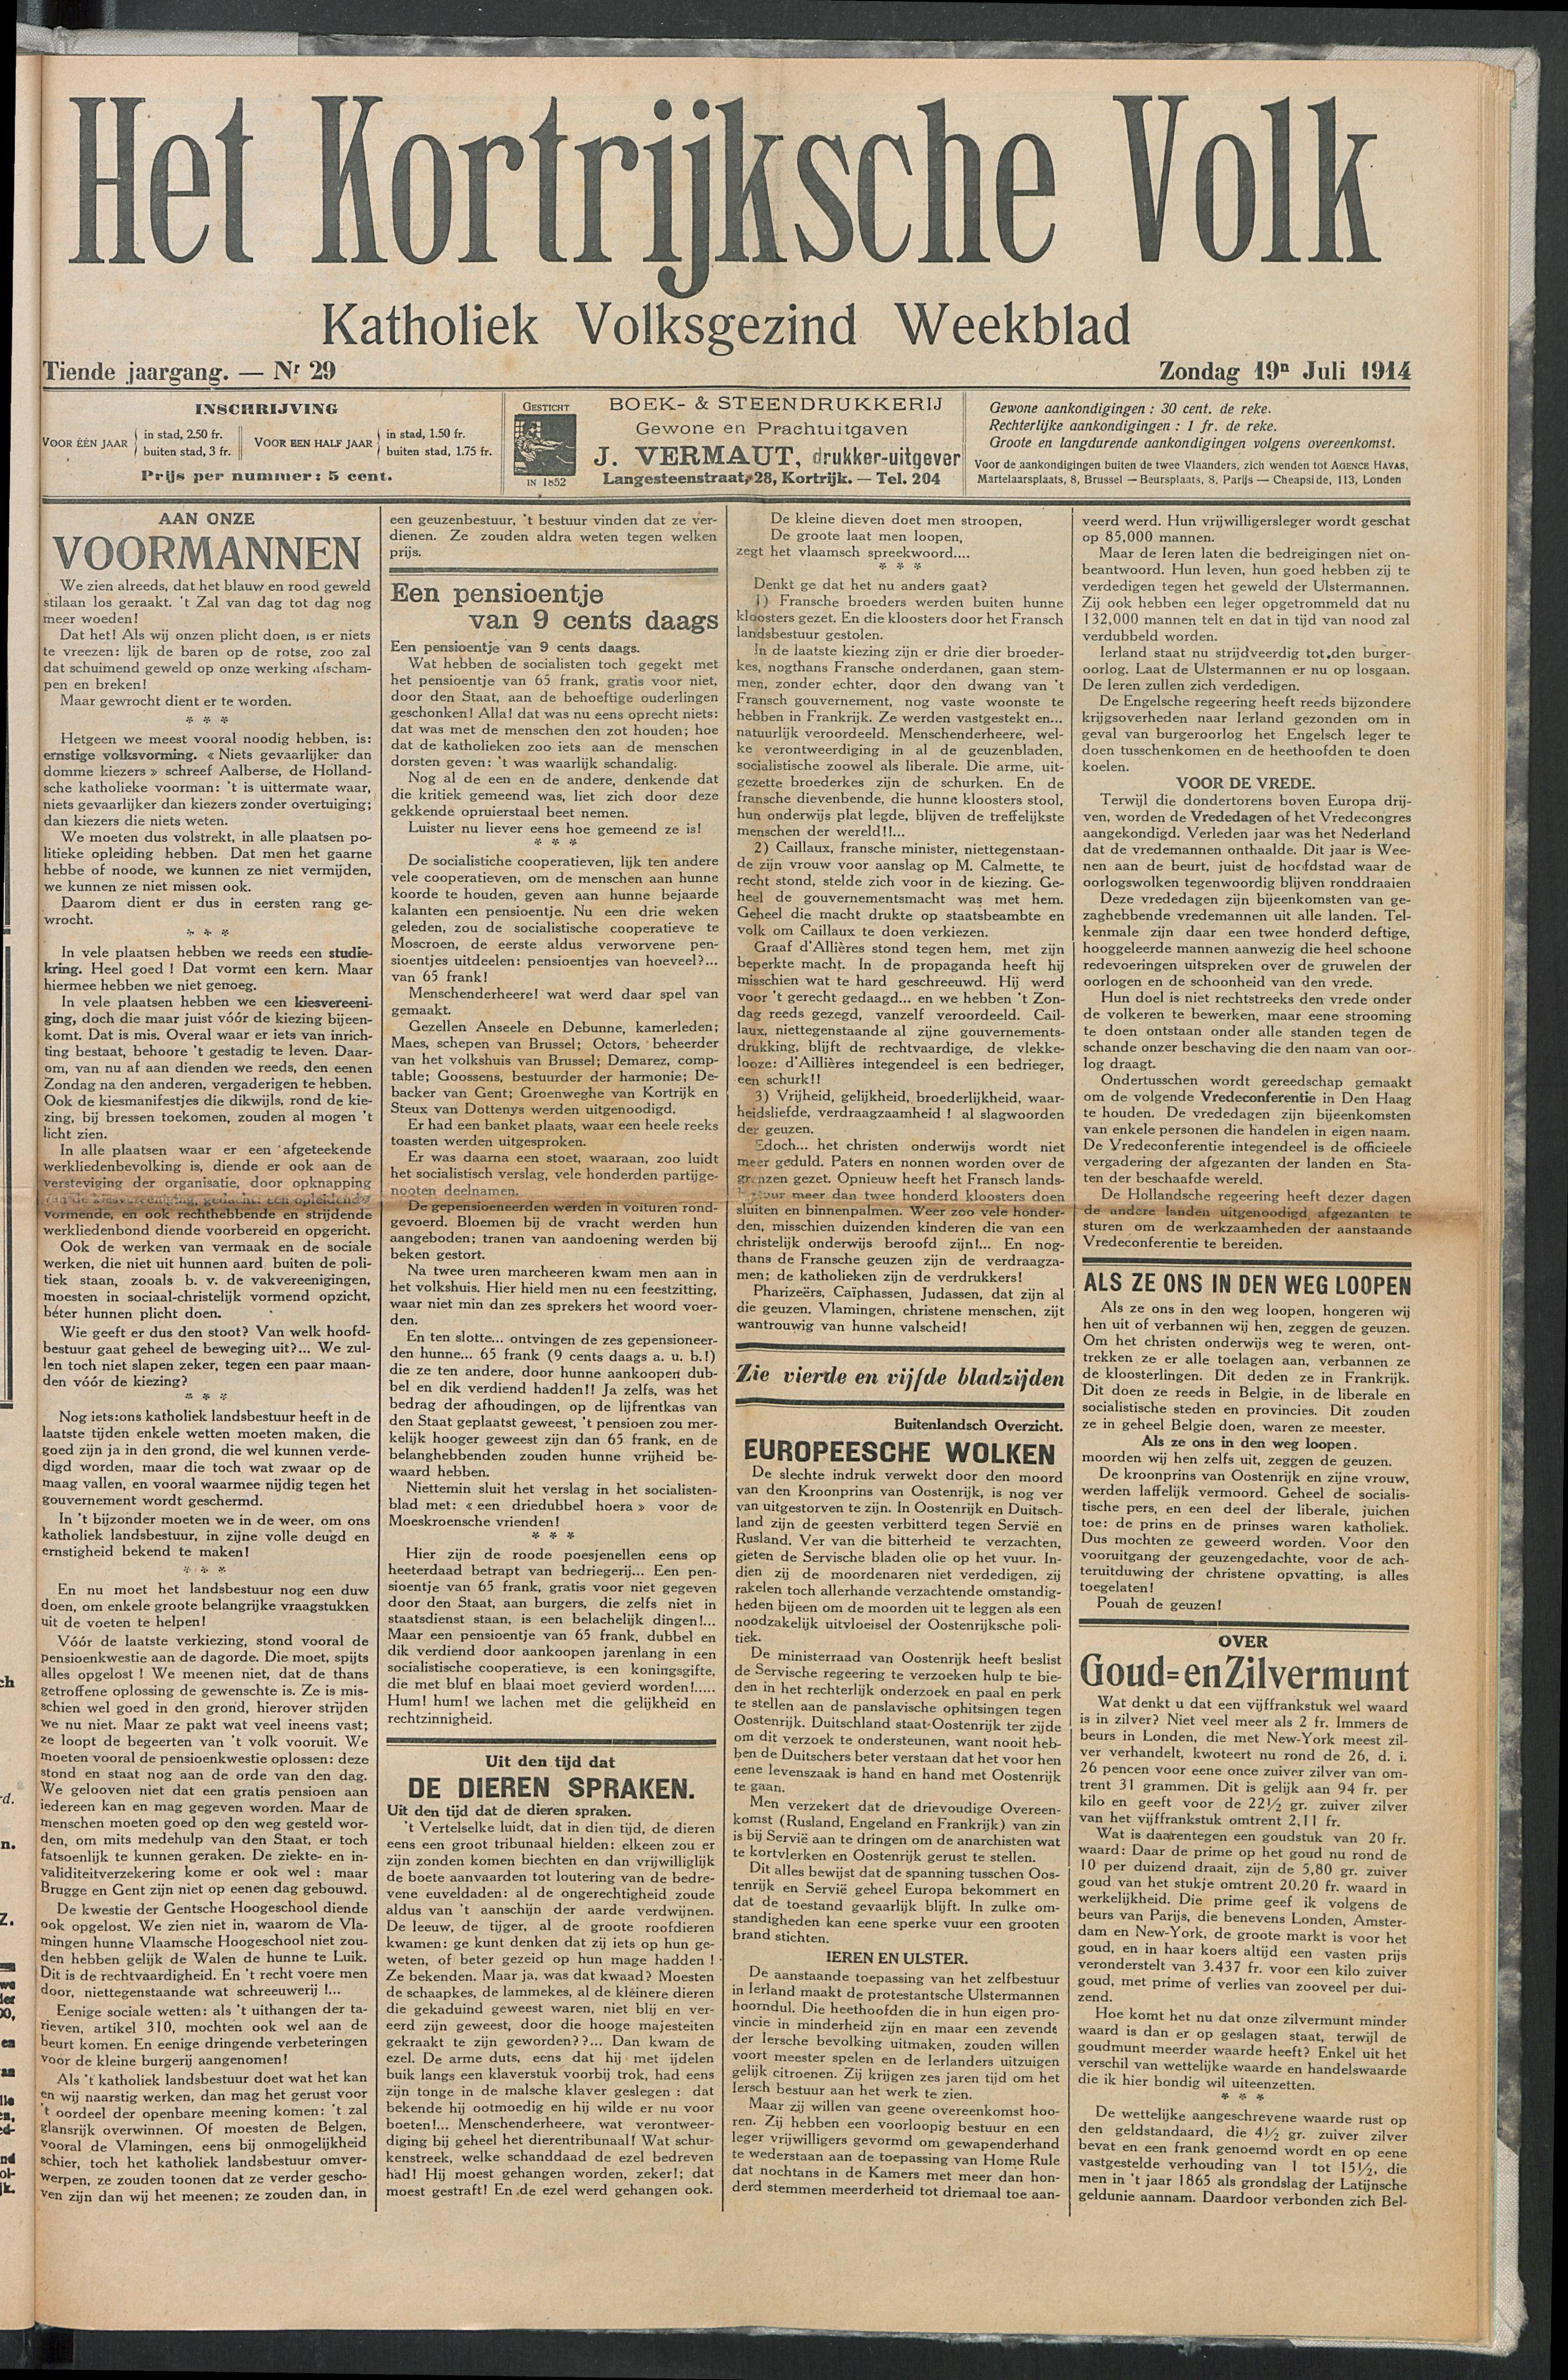 Het Kortrijksche Volk 1914-07-19 p1